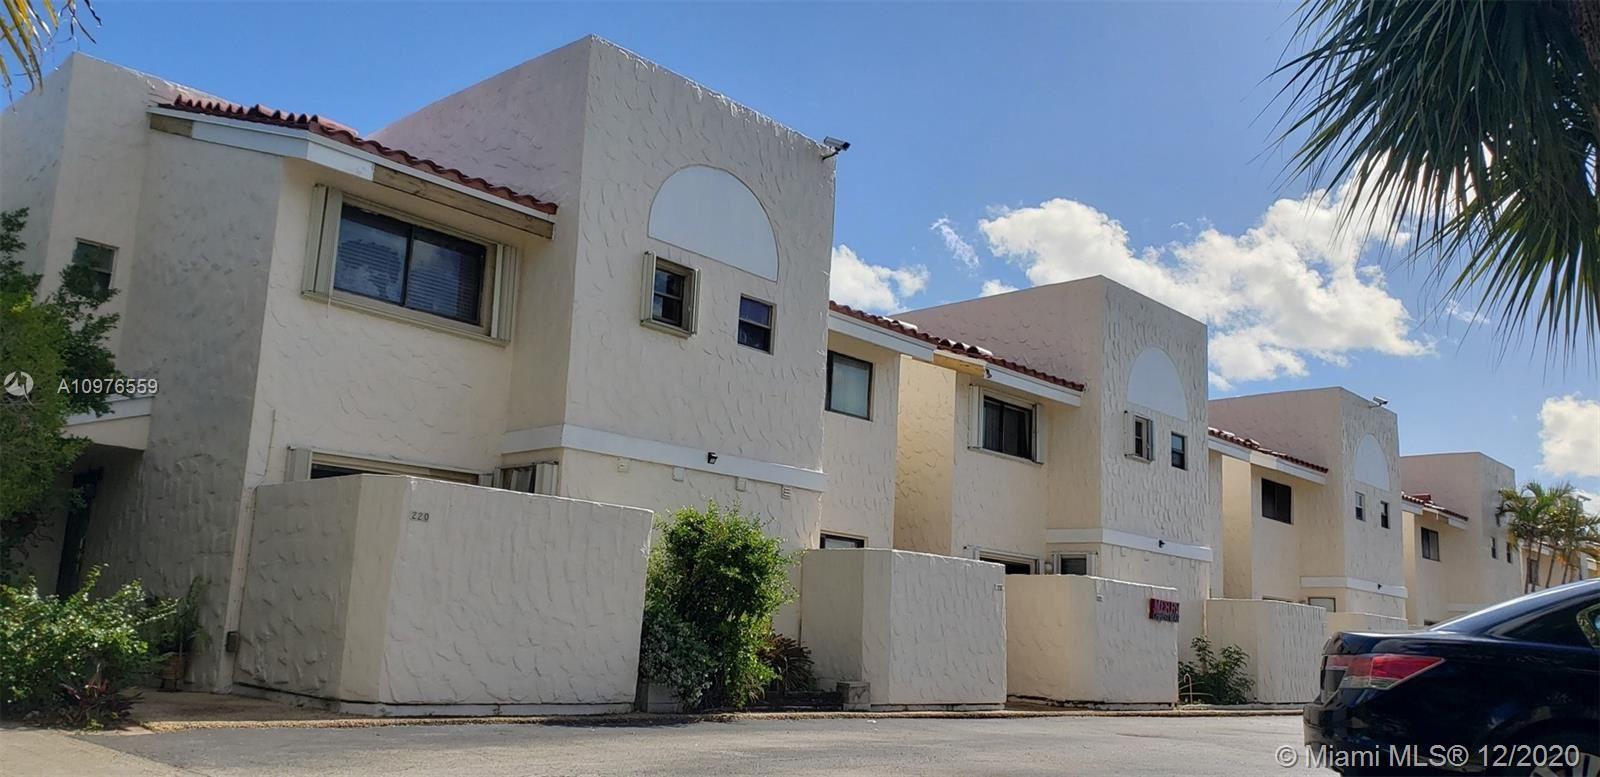 220 SE 10th Ave #220, Pompano Beach, FL 33060 - #: A10976559